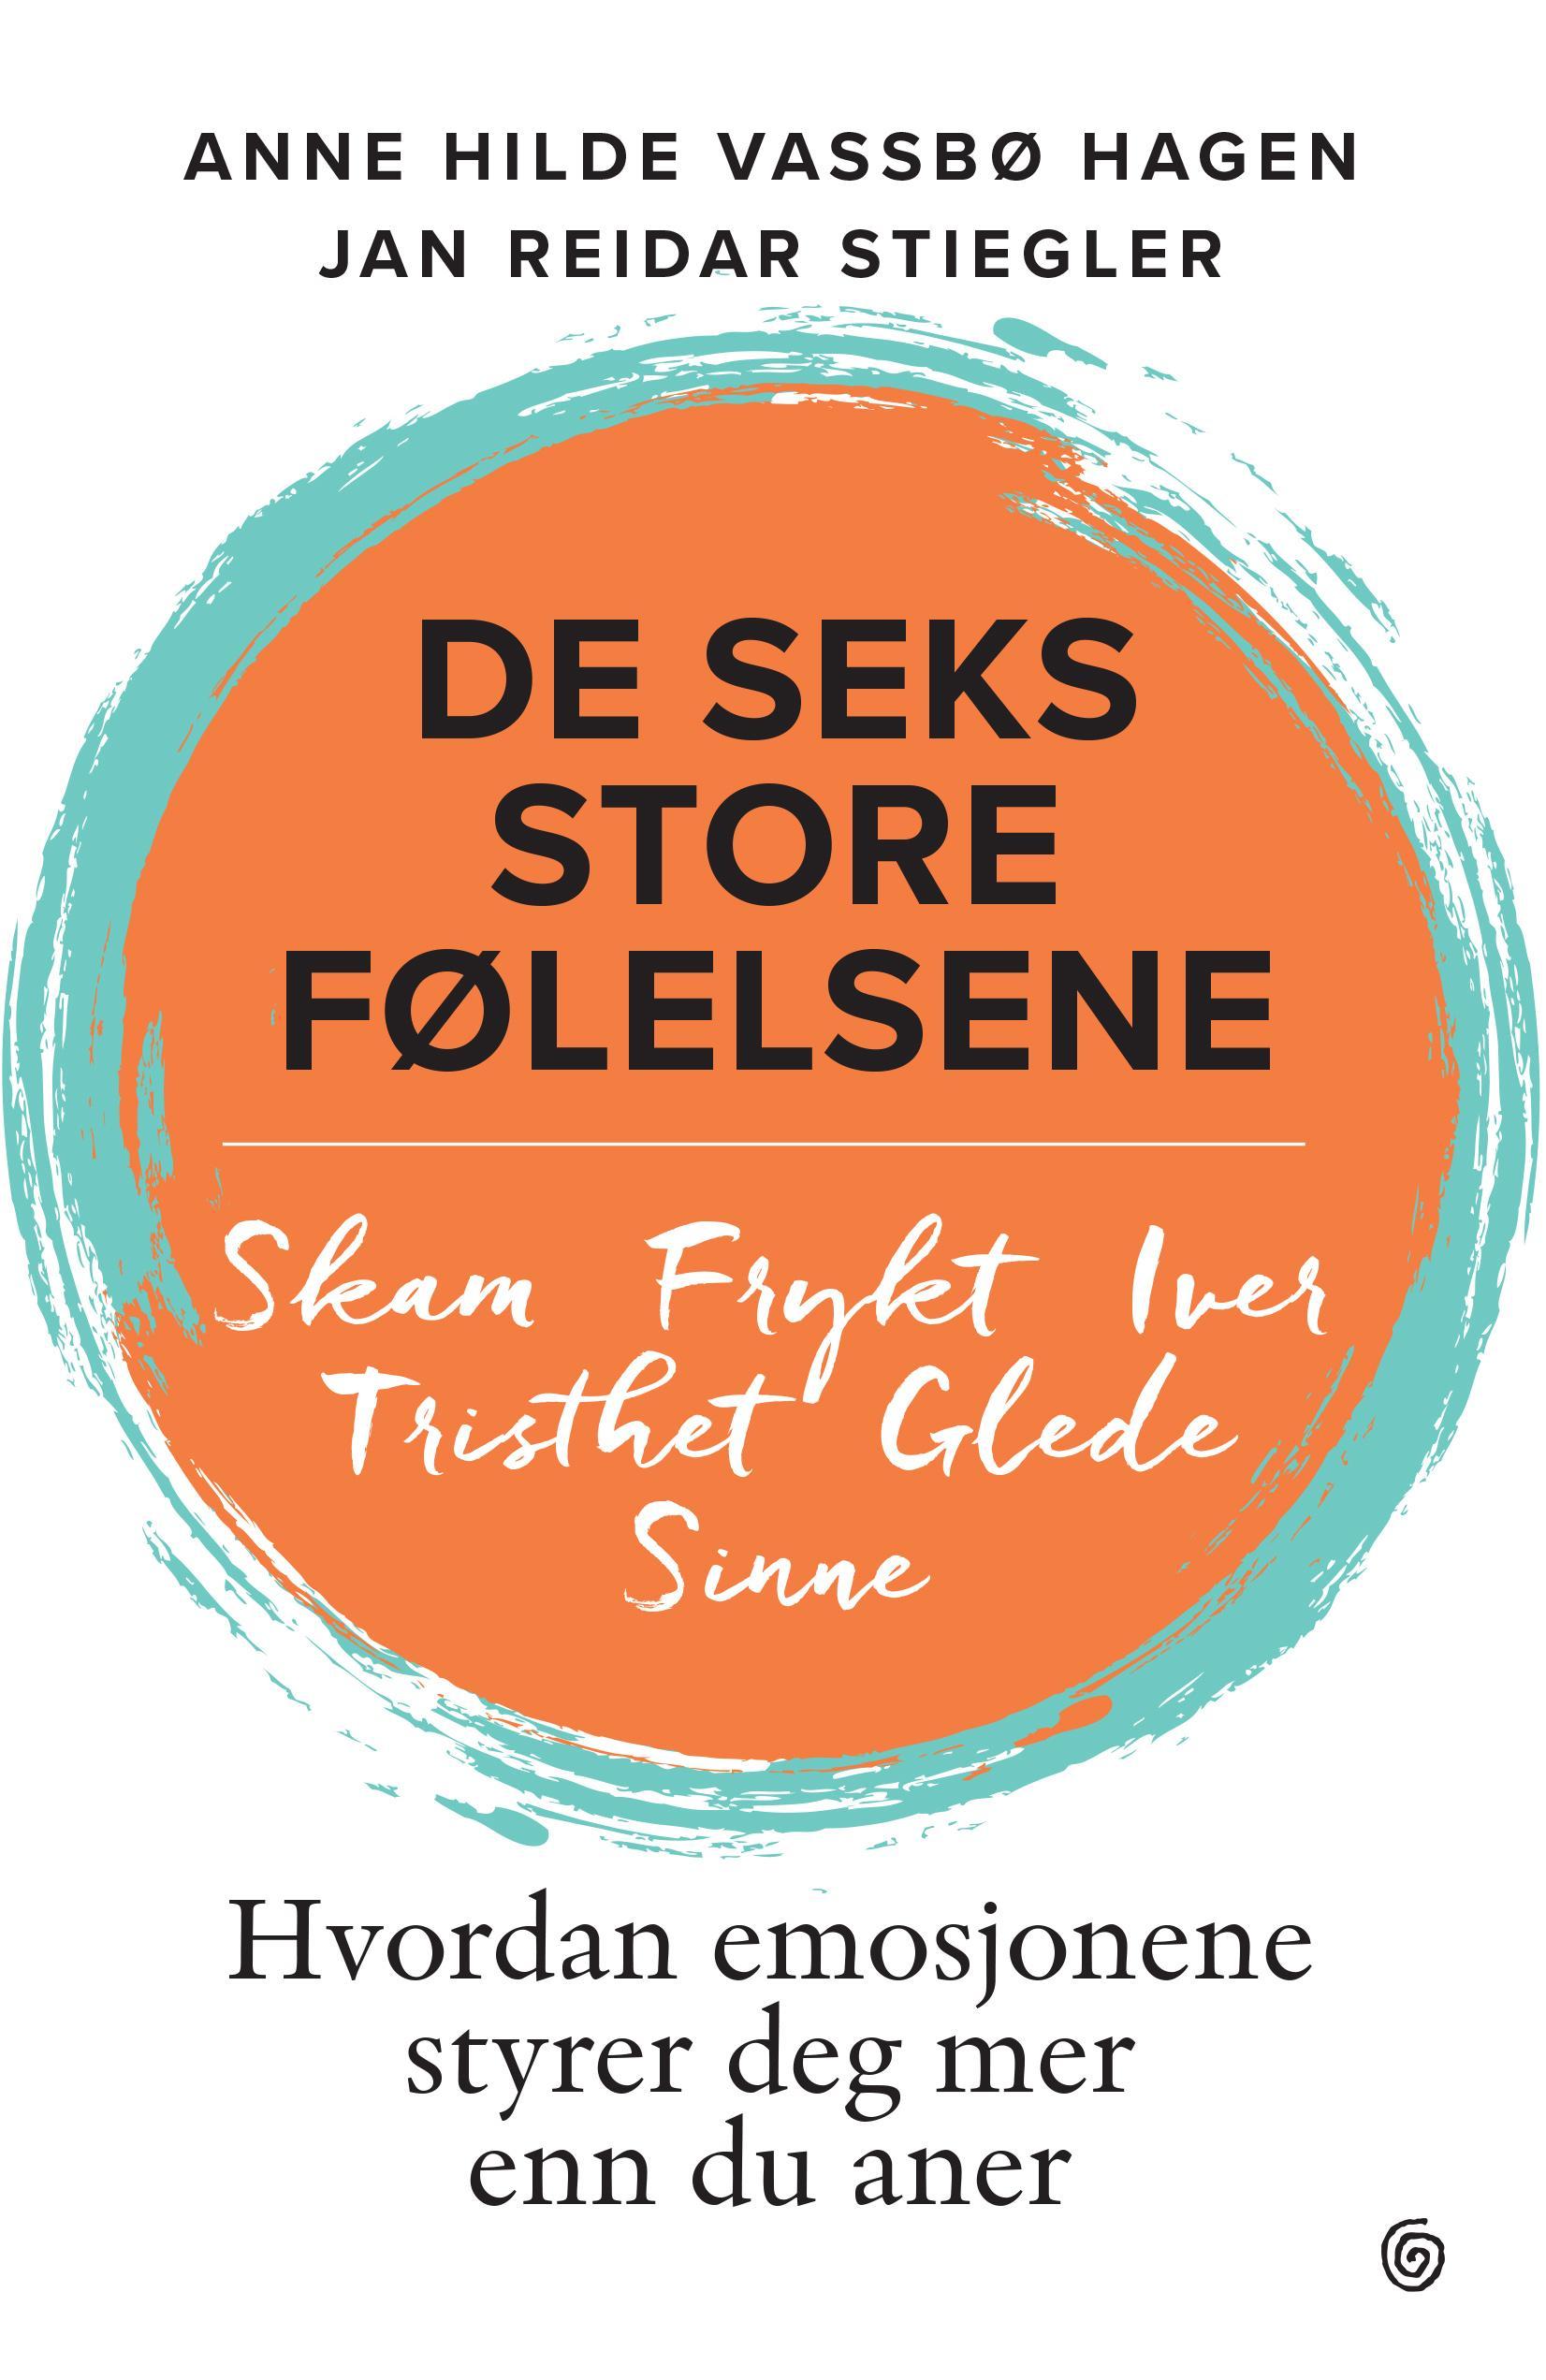 """""""De seks store følelsene - hvordan emosjonene styrer deg mer enn du aner"""" av Anne Hilde Vassbø Hagen"""